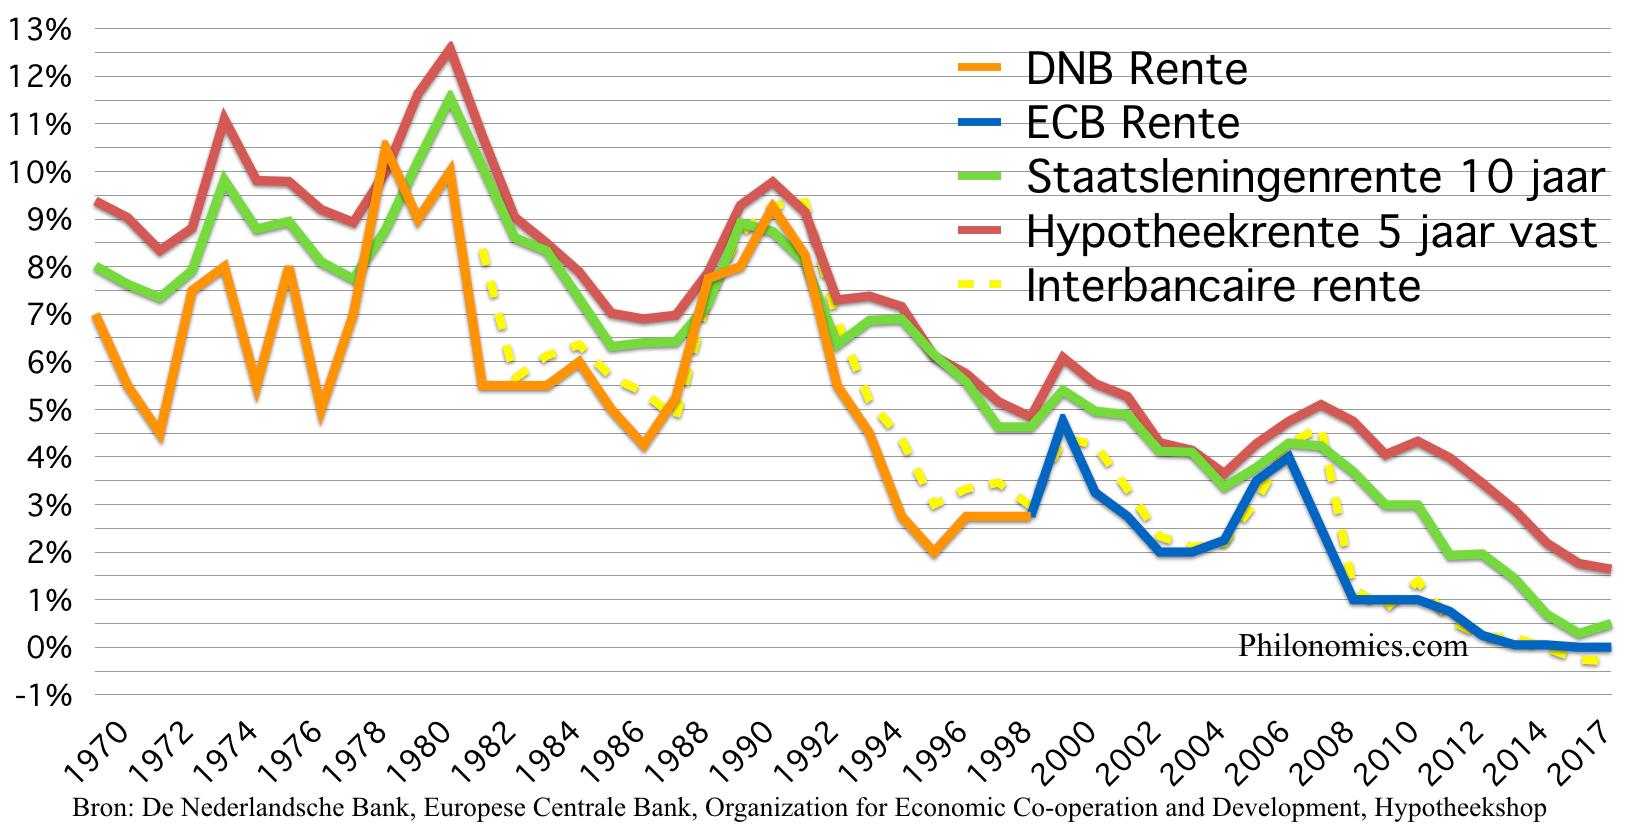 [6] Renteoverzicht Nederland 1970 - 2017